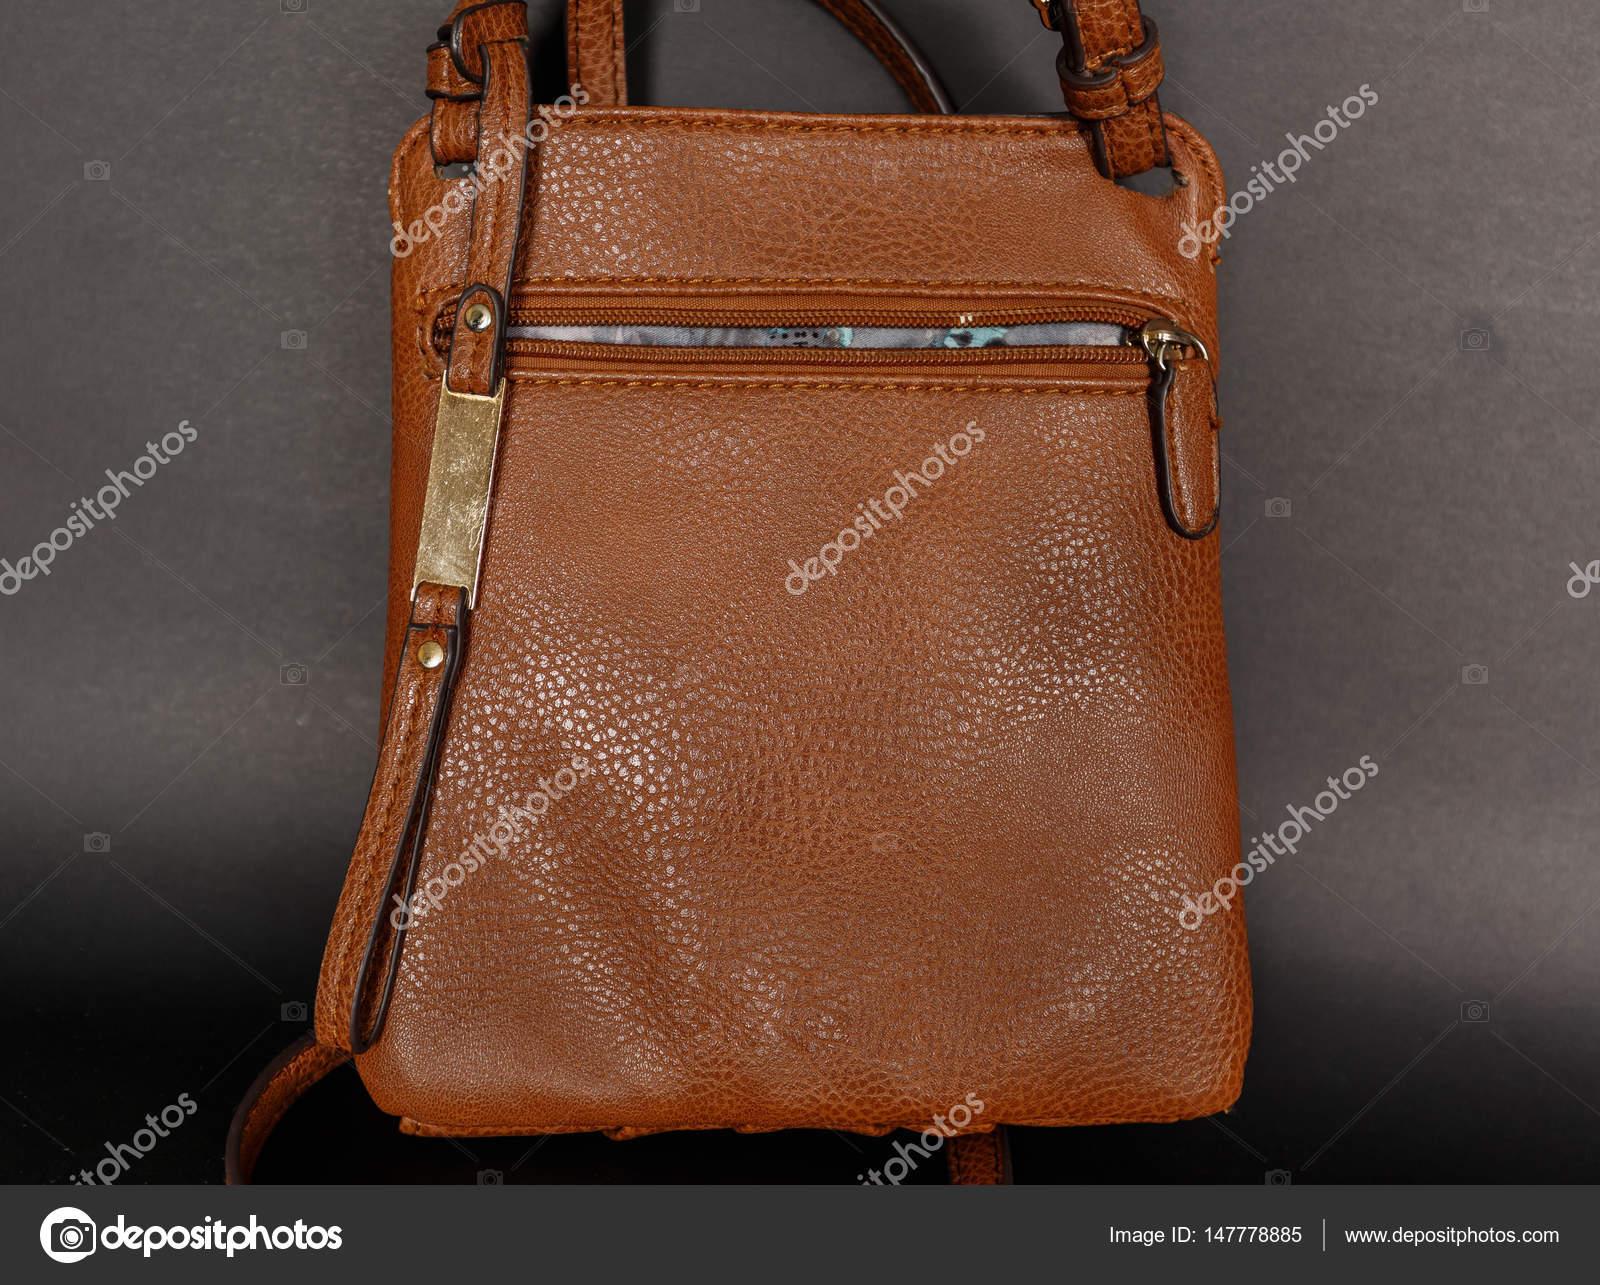 7382234f3 Closeup agradável vista da elegante bolsa de couro marrom, saco em fundo  cinzento escuro —